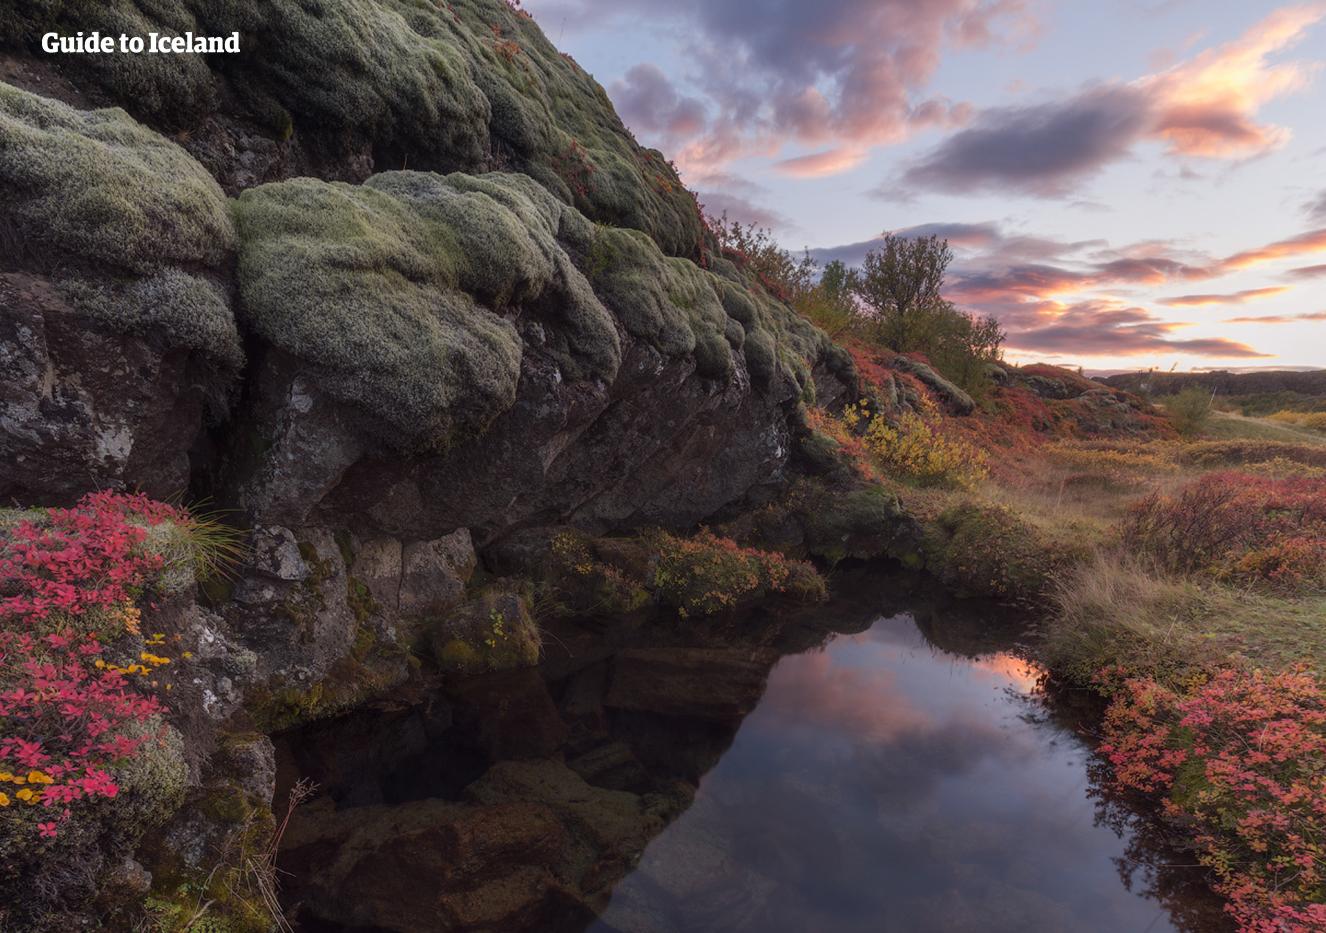 辛格维利尔国家公园是冰岛黄金圈景区最著名的历史文化景点